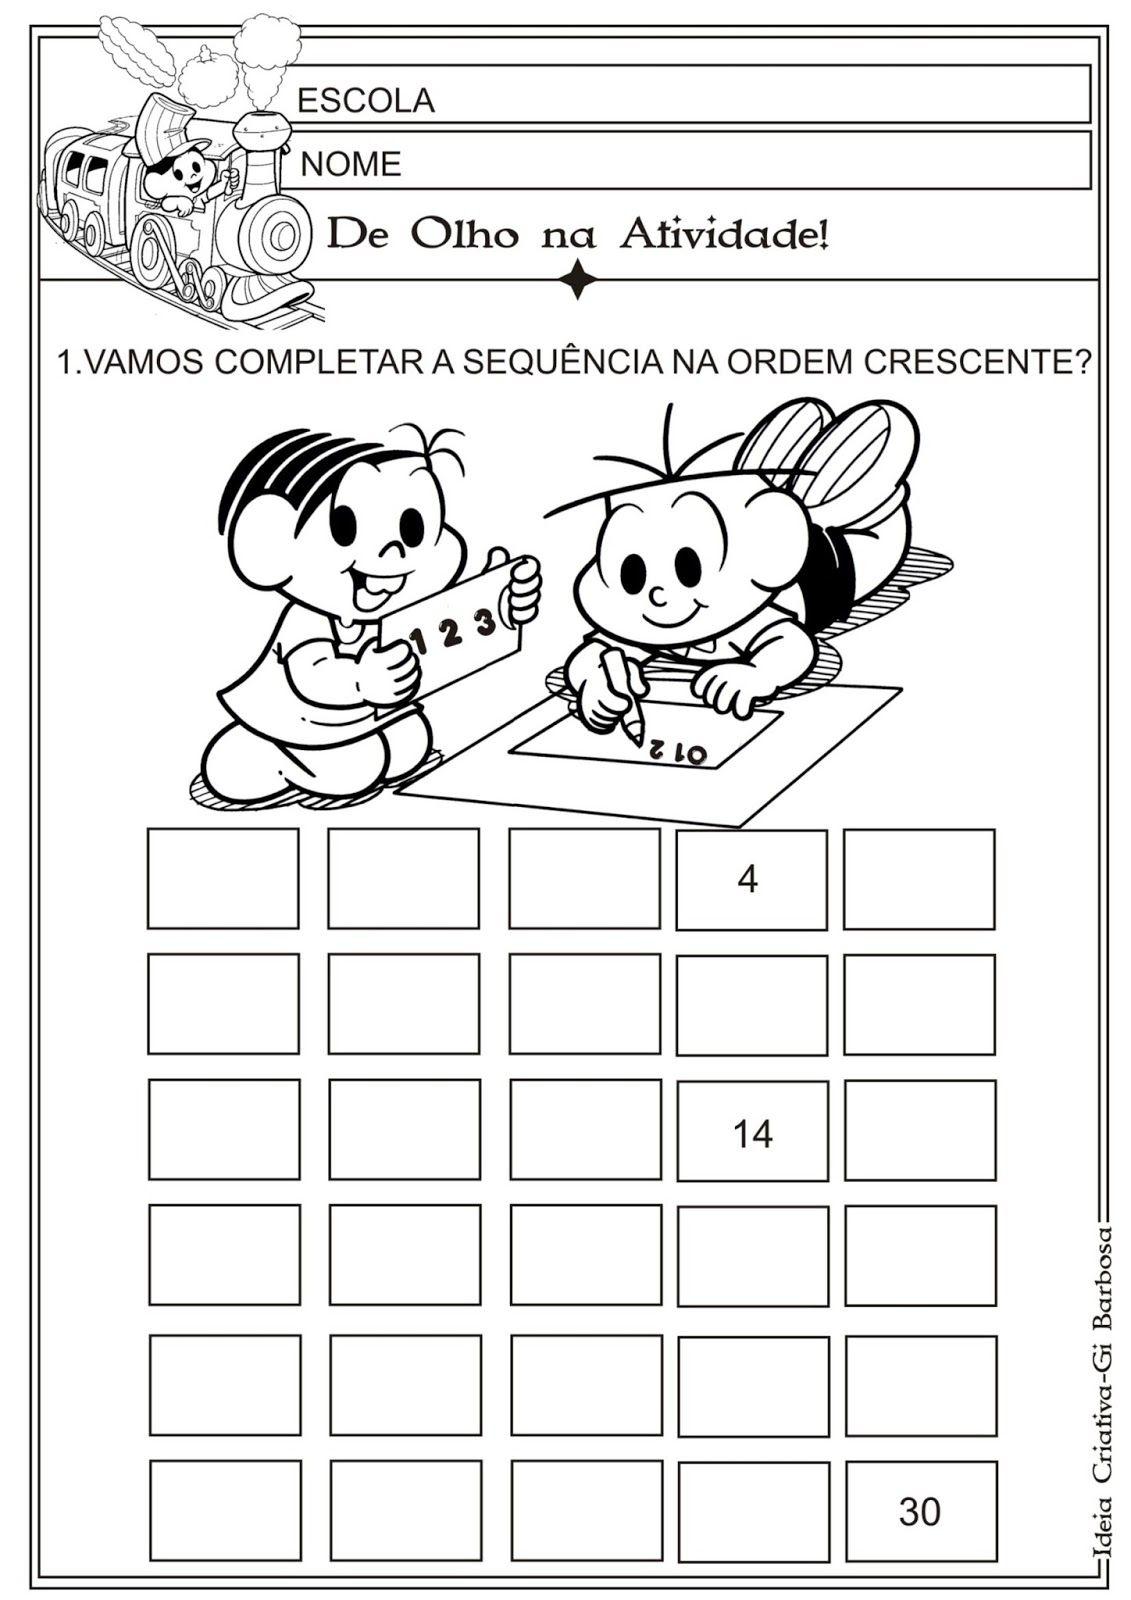 Matematica Infantil Atividade Ordem Crescente 1 A 30